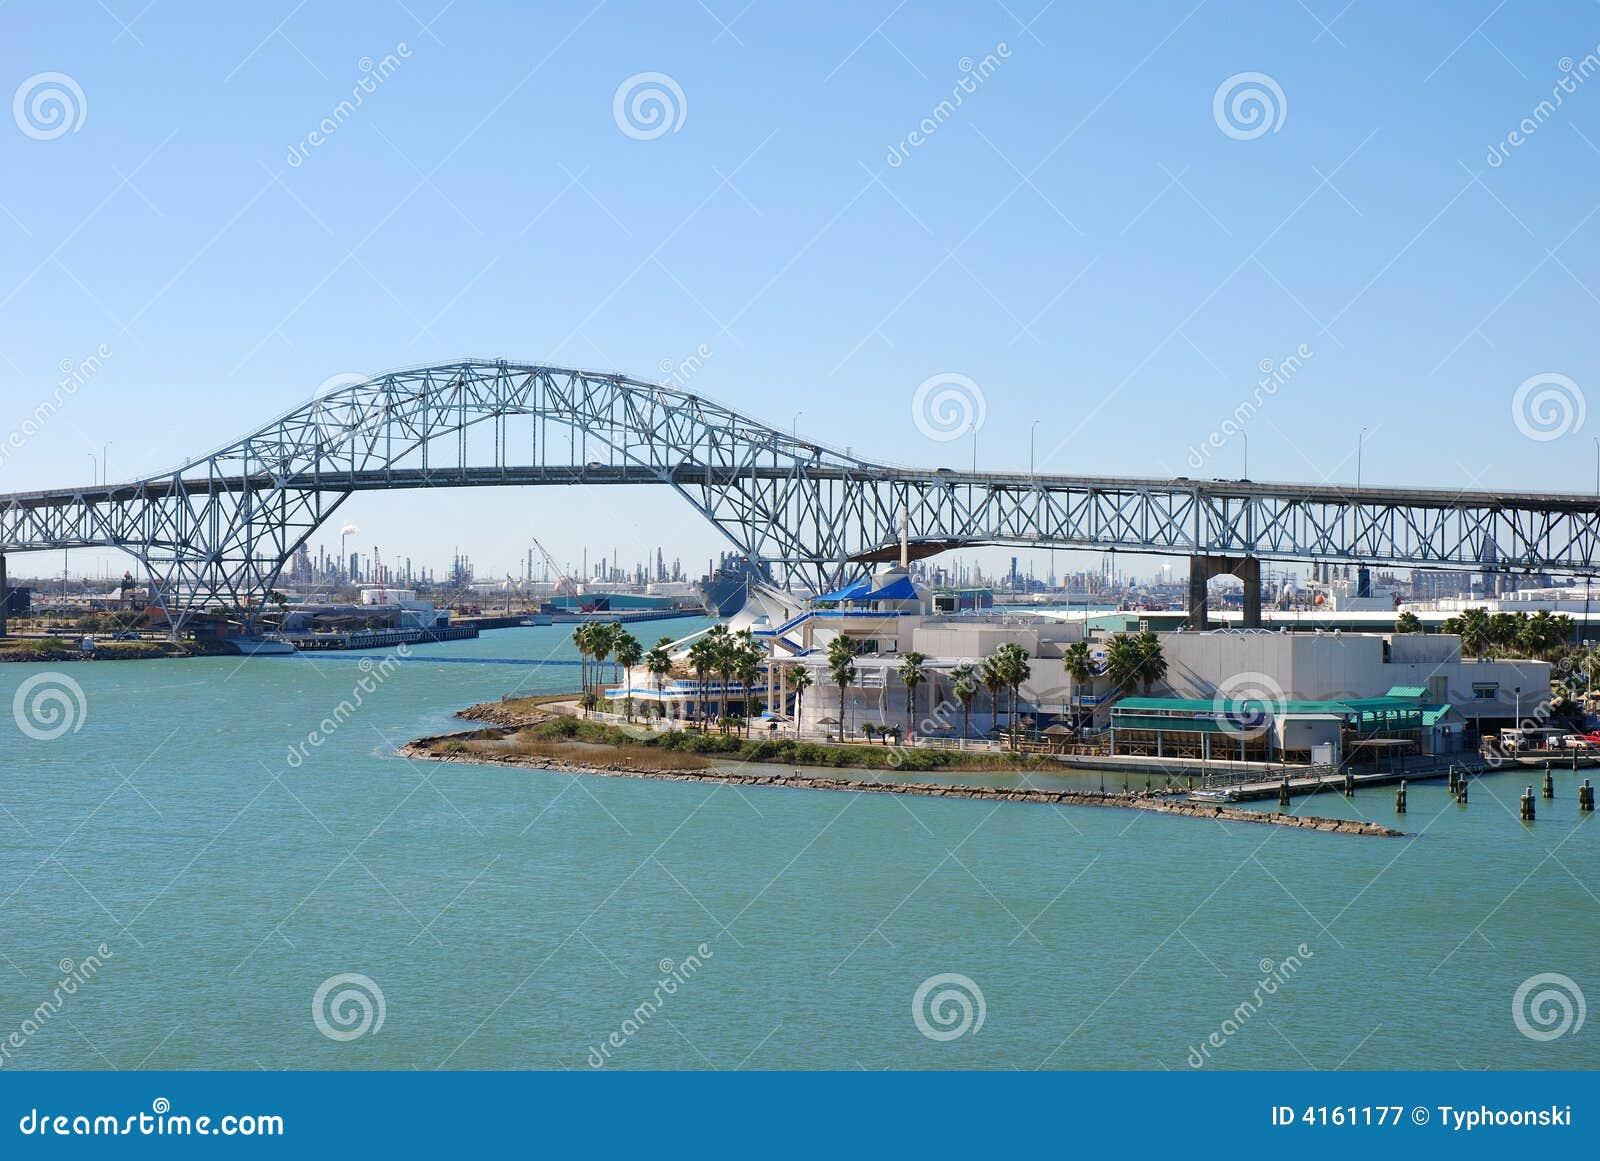 Harbor Bridge in Corpus Christi